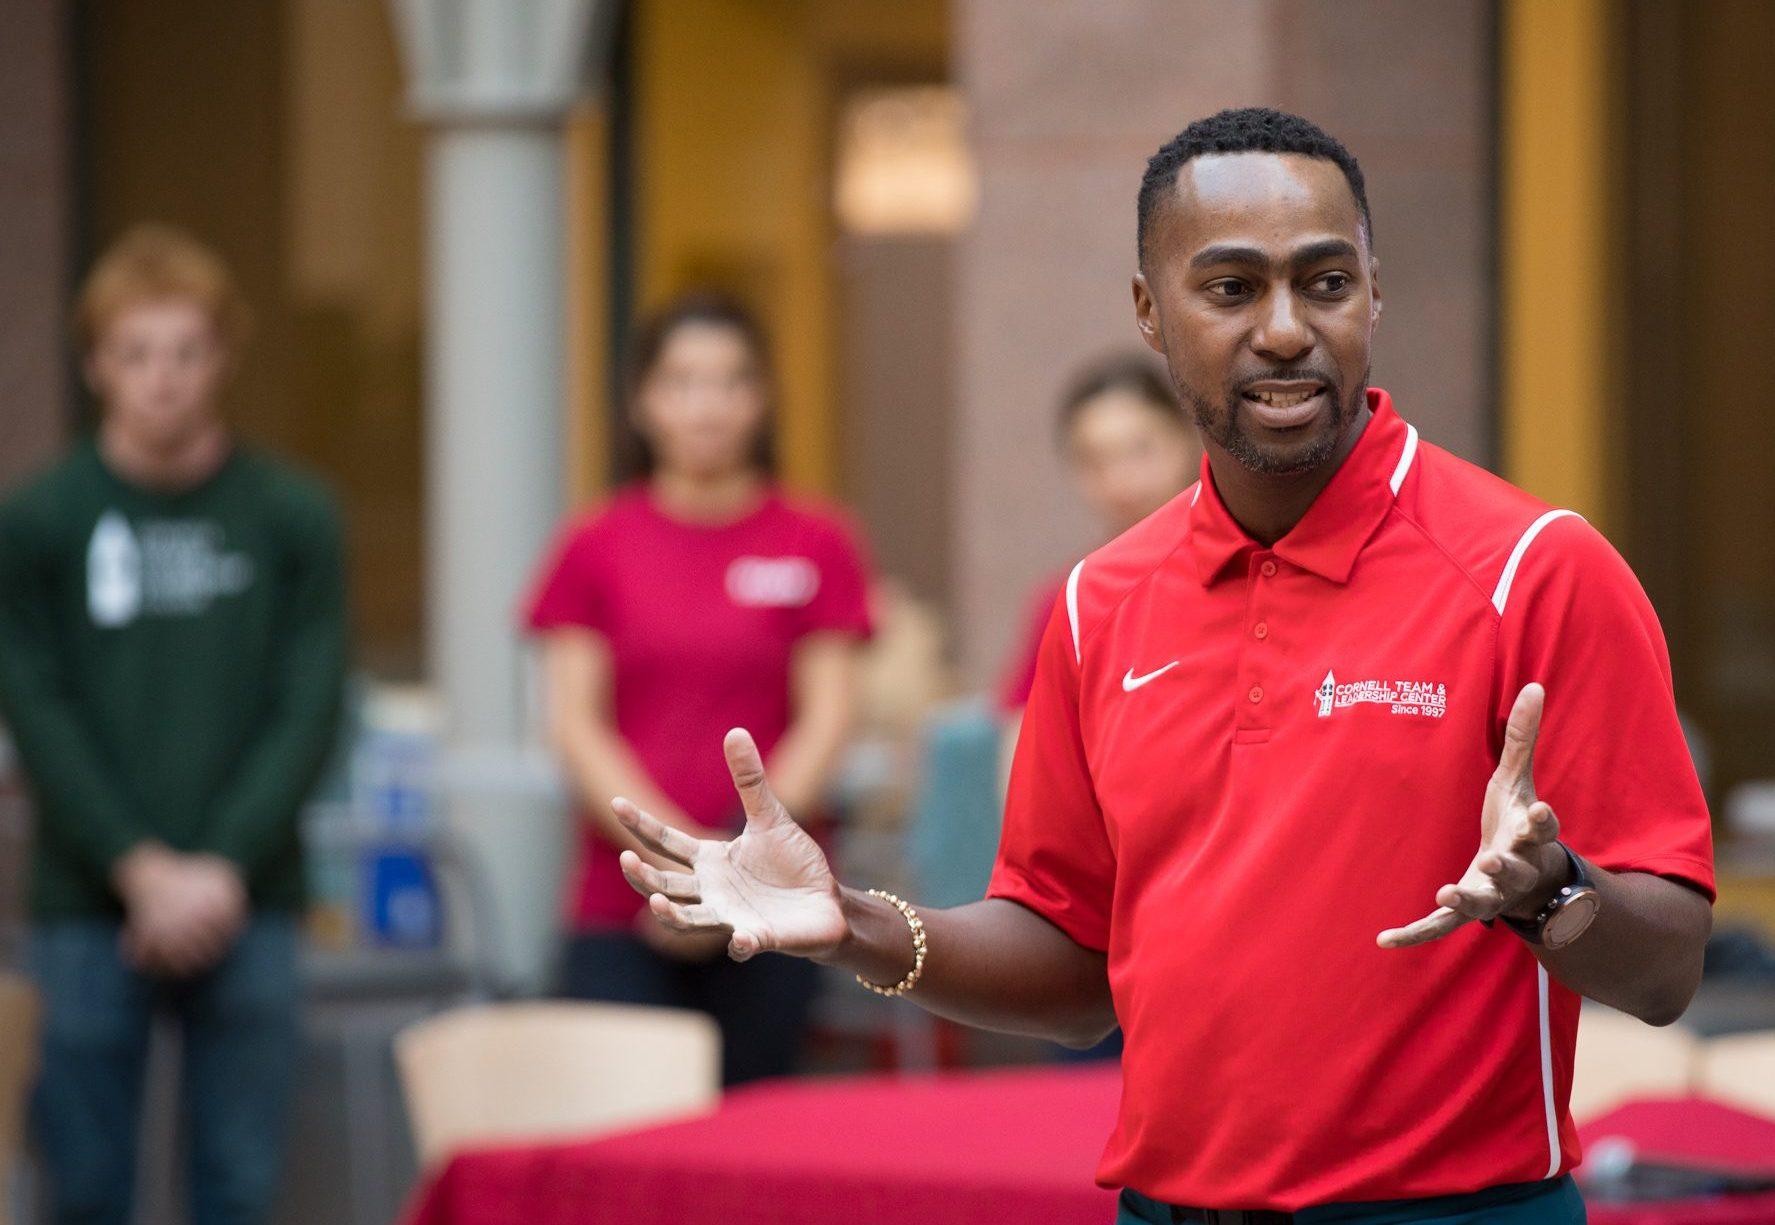 Marcus Brooks presenting in an atrium